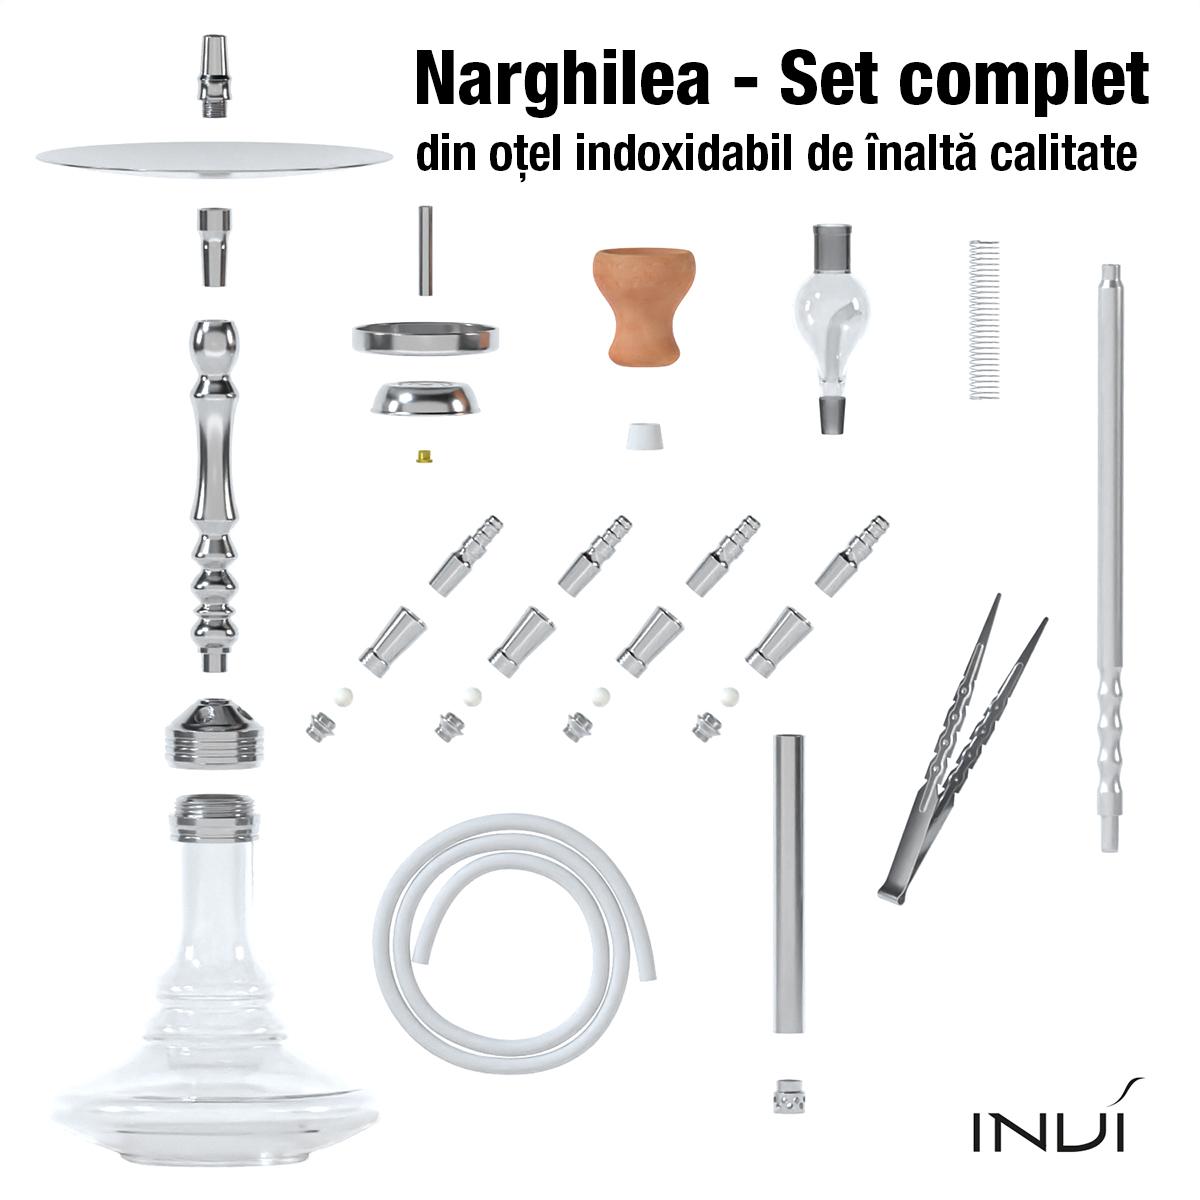 narghilea Invi Tesseract Inox silver